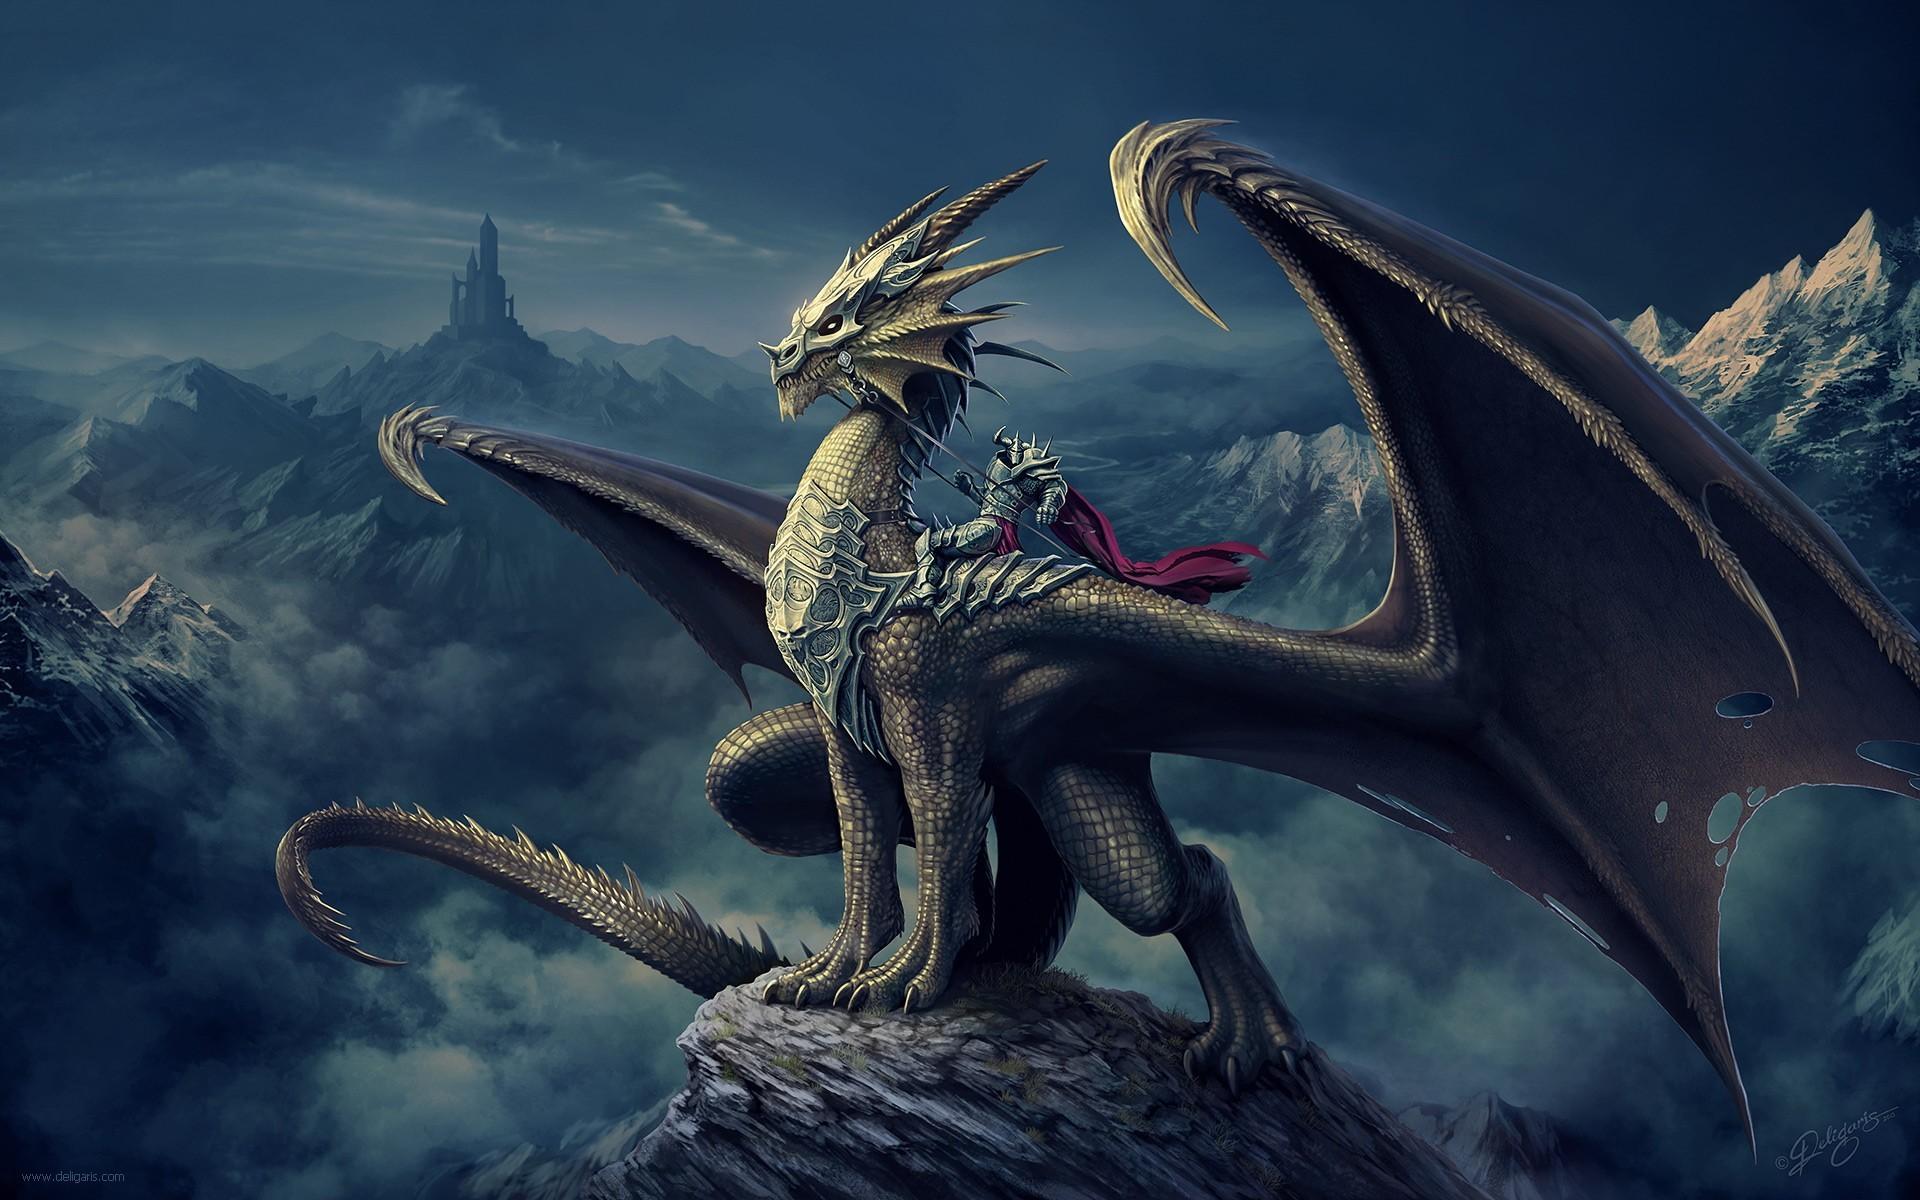 … dragon-8 dragon_on_hill_hd_wallpaper D9Bjobm 1823009 78308  27186_fantasy_dragon 22824_fantasy_dragon_electric_dragon